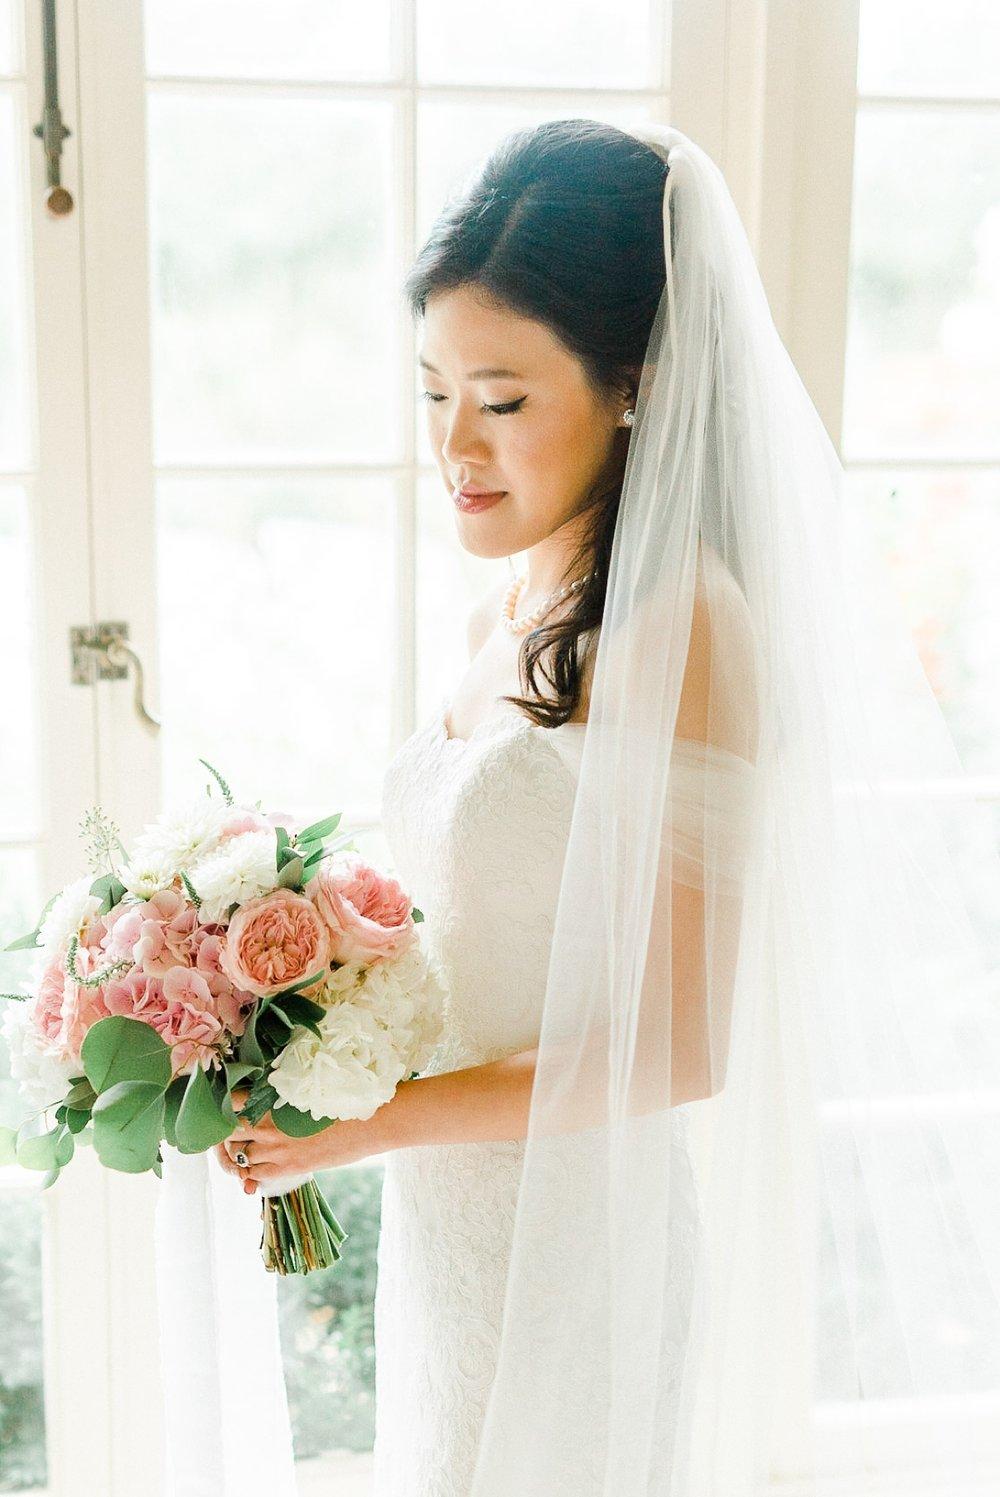 charlottesville_clifton_inn_wedding-43.jpg